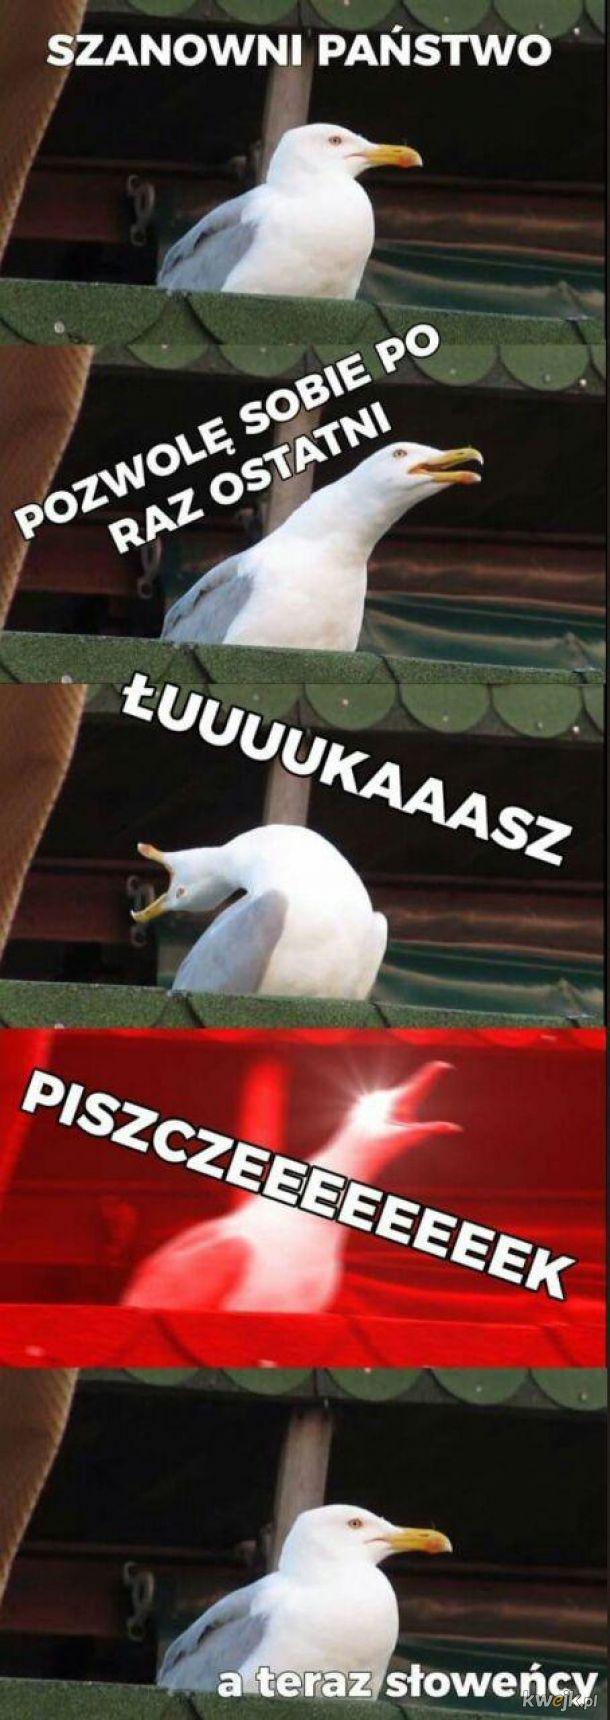 ŁUKAAAAAAAASZ